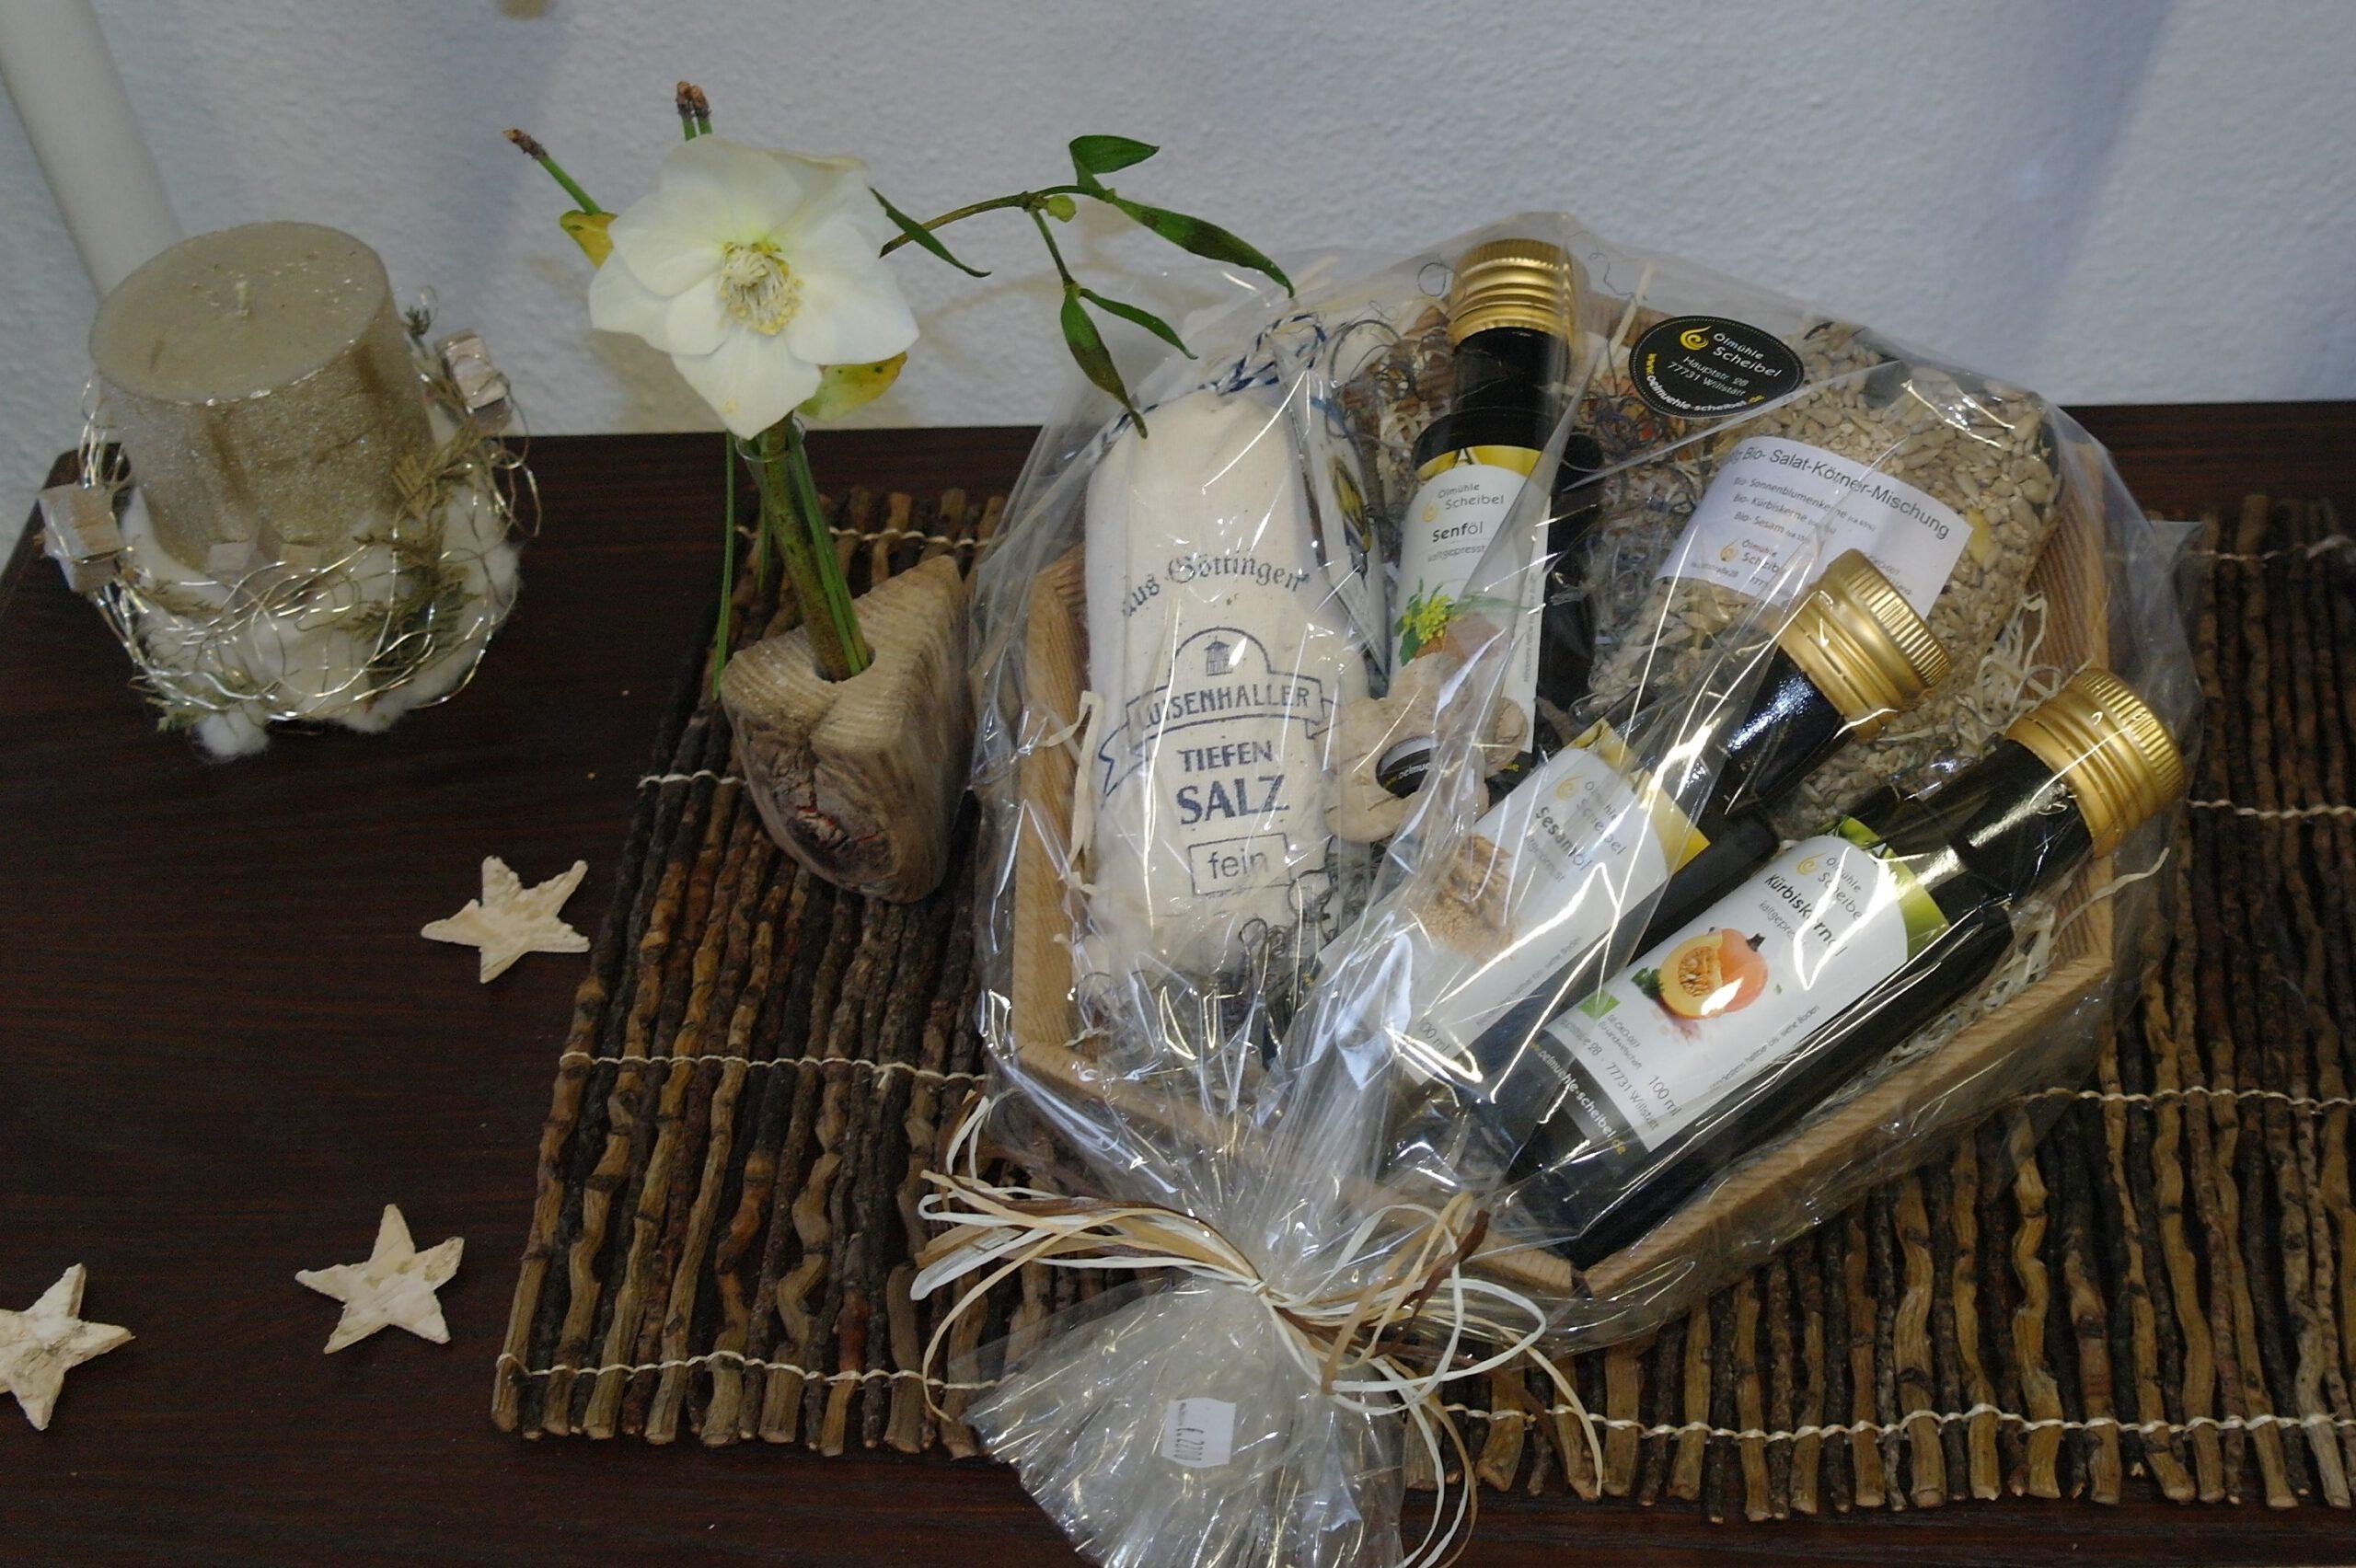 Ölmühle Scheibel Geschenke